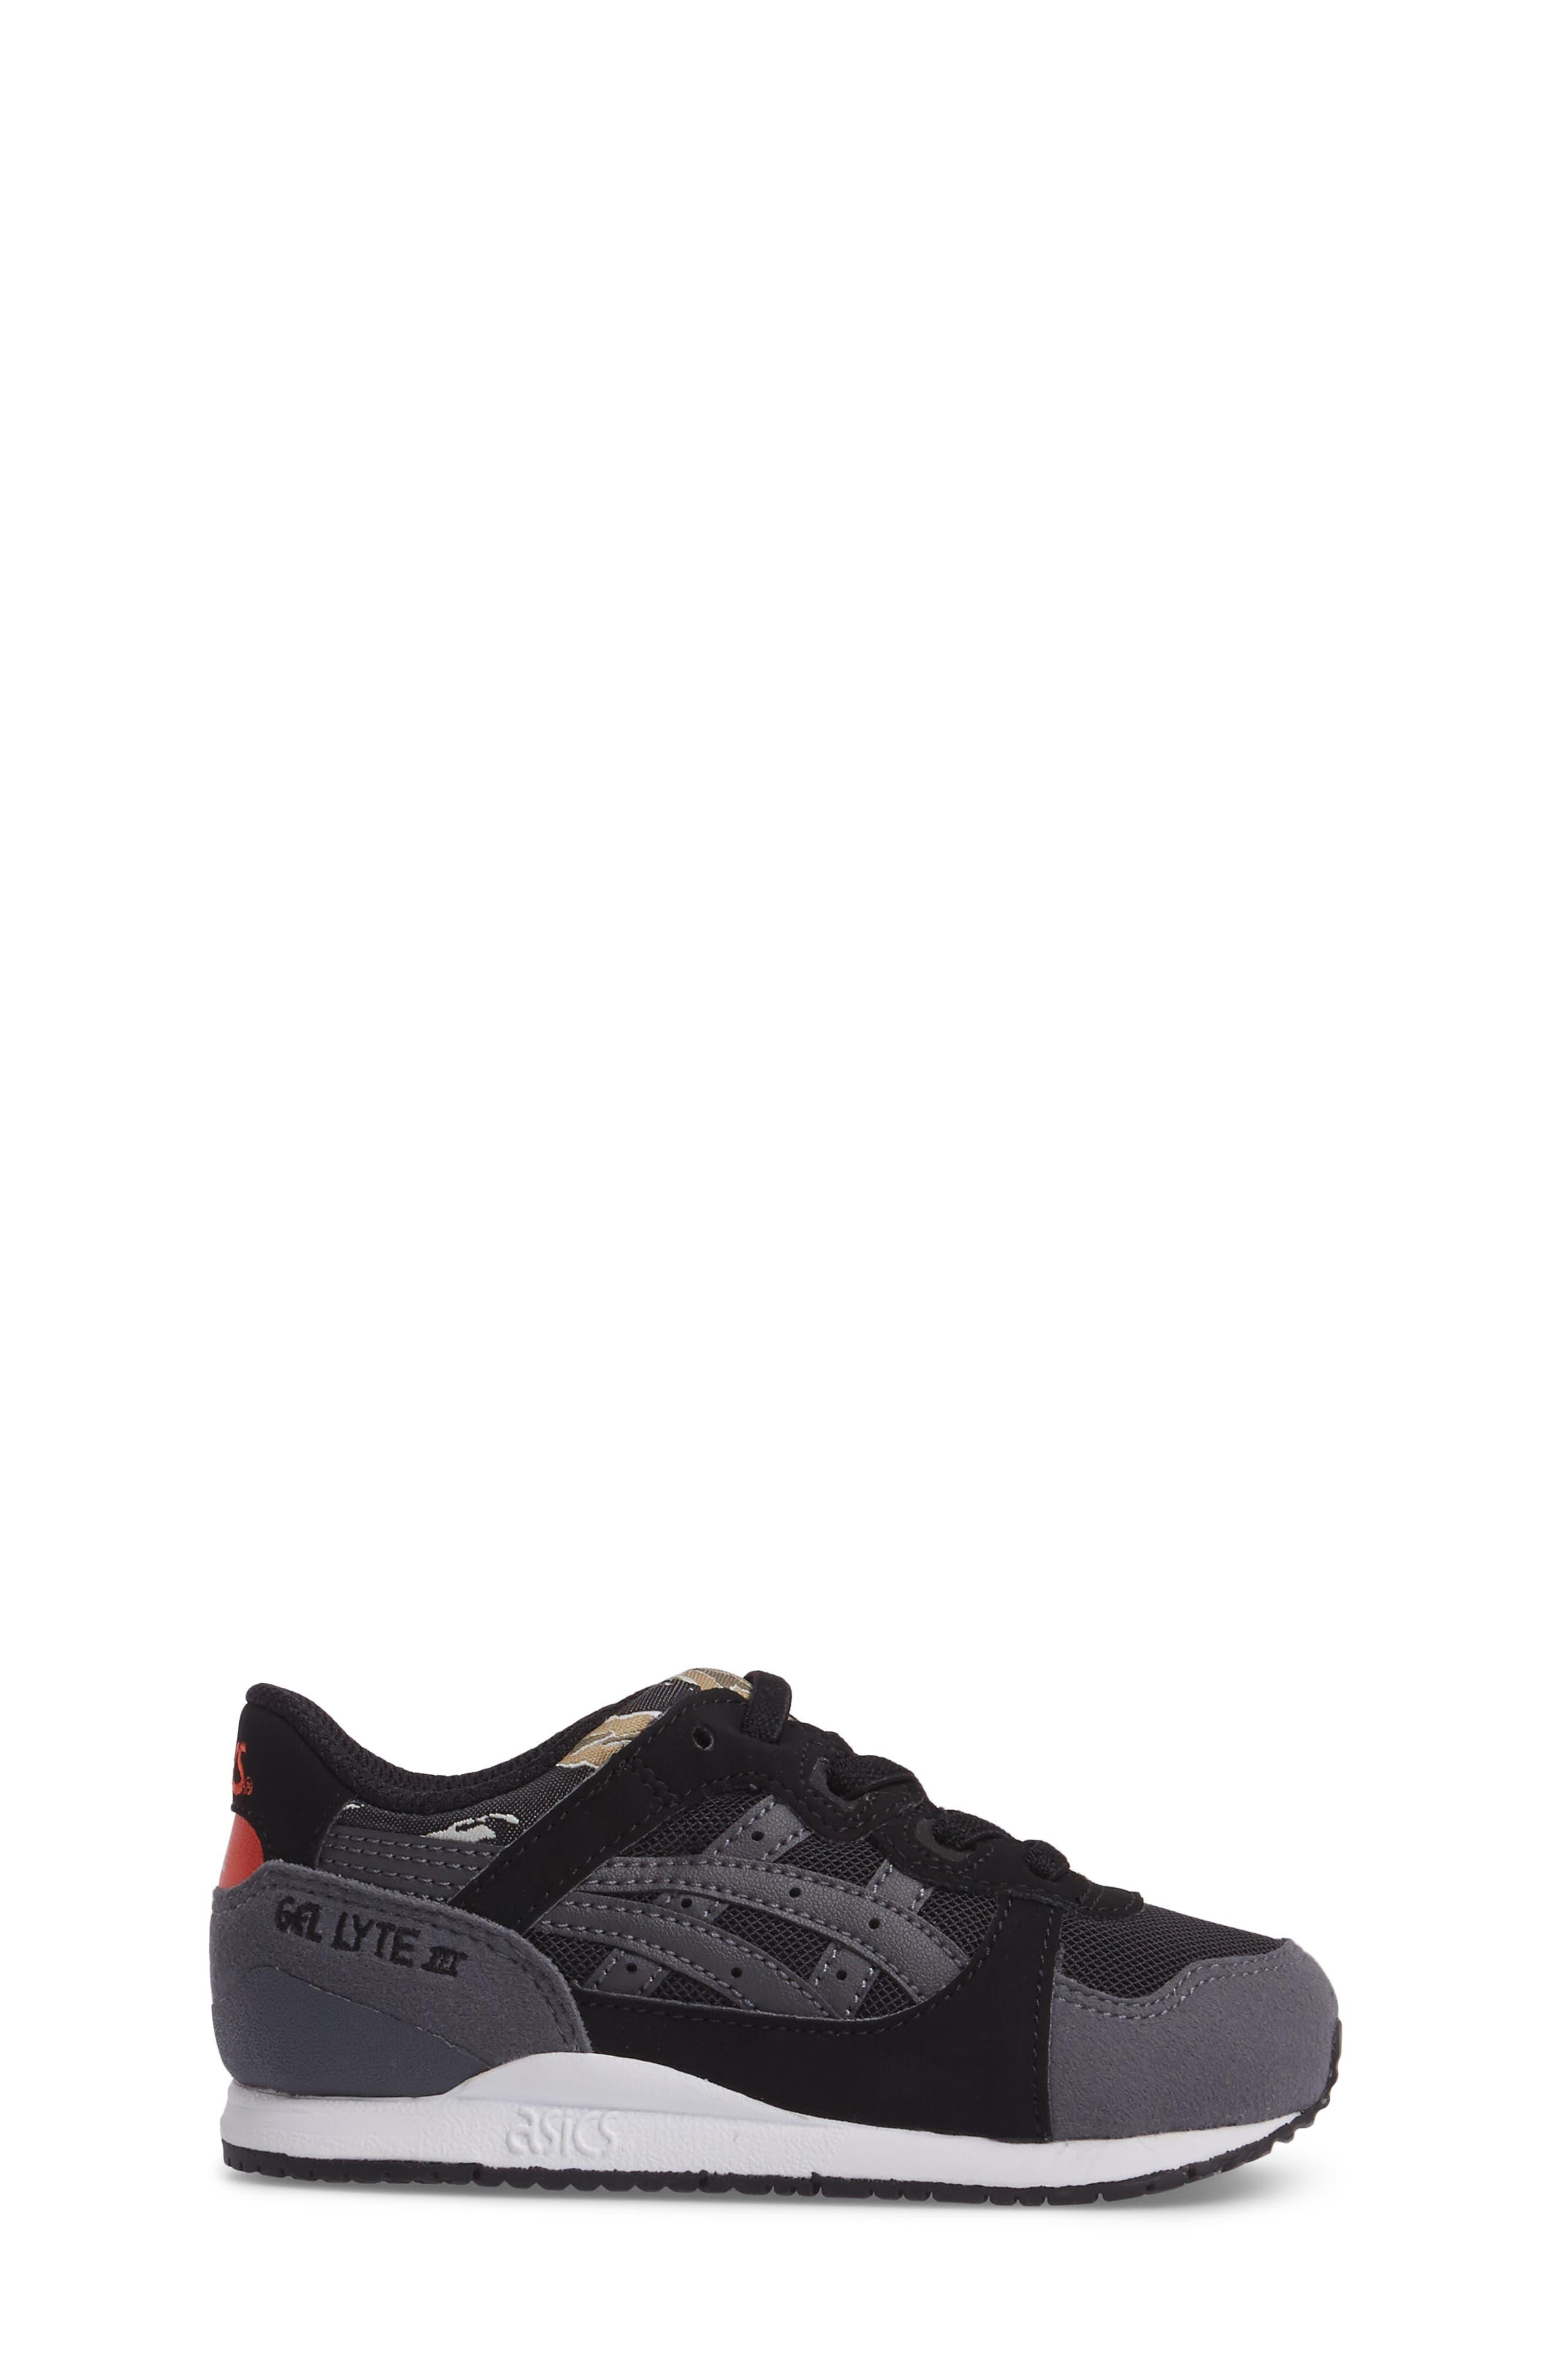 Alternate Image 3  - ASICS® GEL-LYTE® III TS Slip-On Sneaker (Baby, Walker & Toddler)